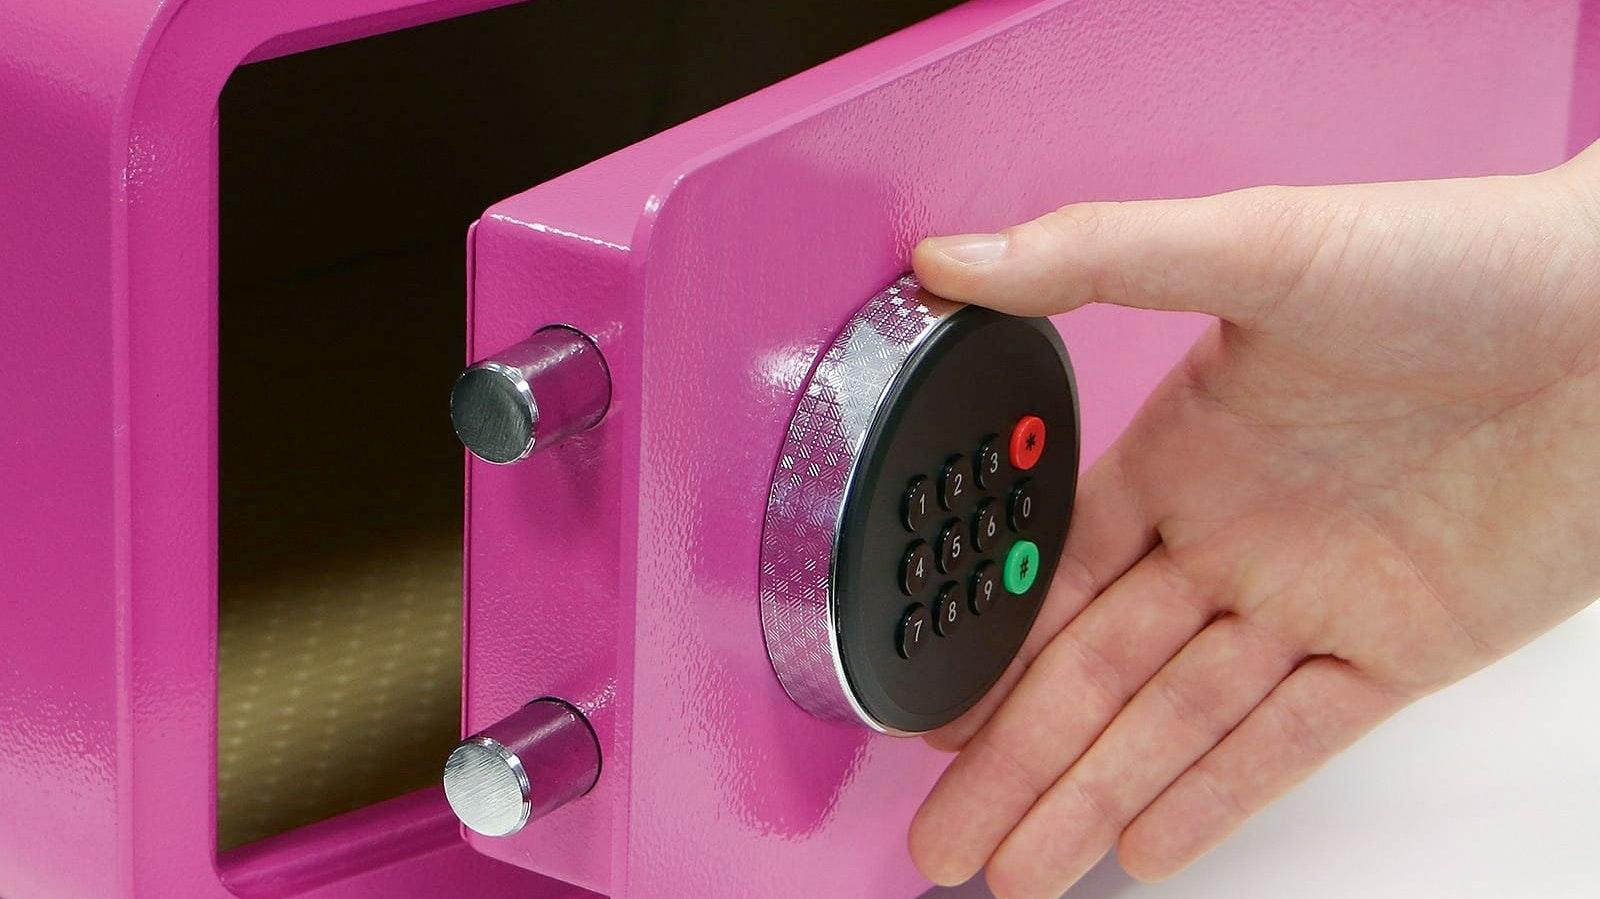 Der mySafe BASI ist insgesamt in 28 verschiedenen Ausführungen erhältlich: Zur Auswahl stehen zwei Größen, zwei Verriegelungs-Optionen (Fingerprint oder Zahlen-Code) und sieben Farben. (Foto: epr/BASI GmbH)